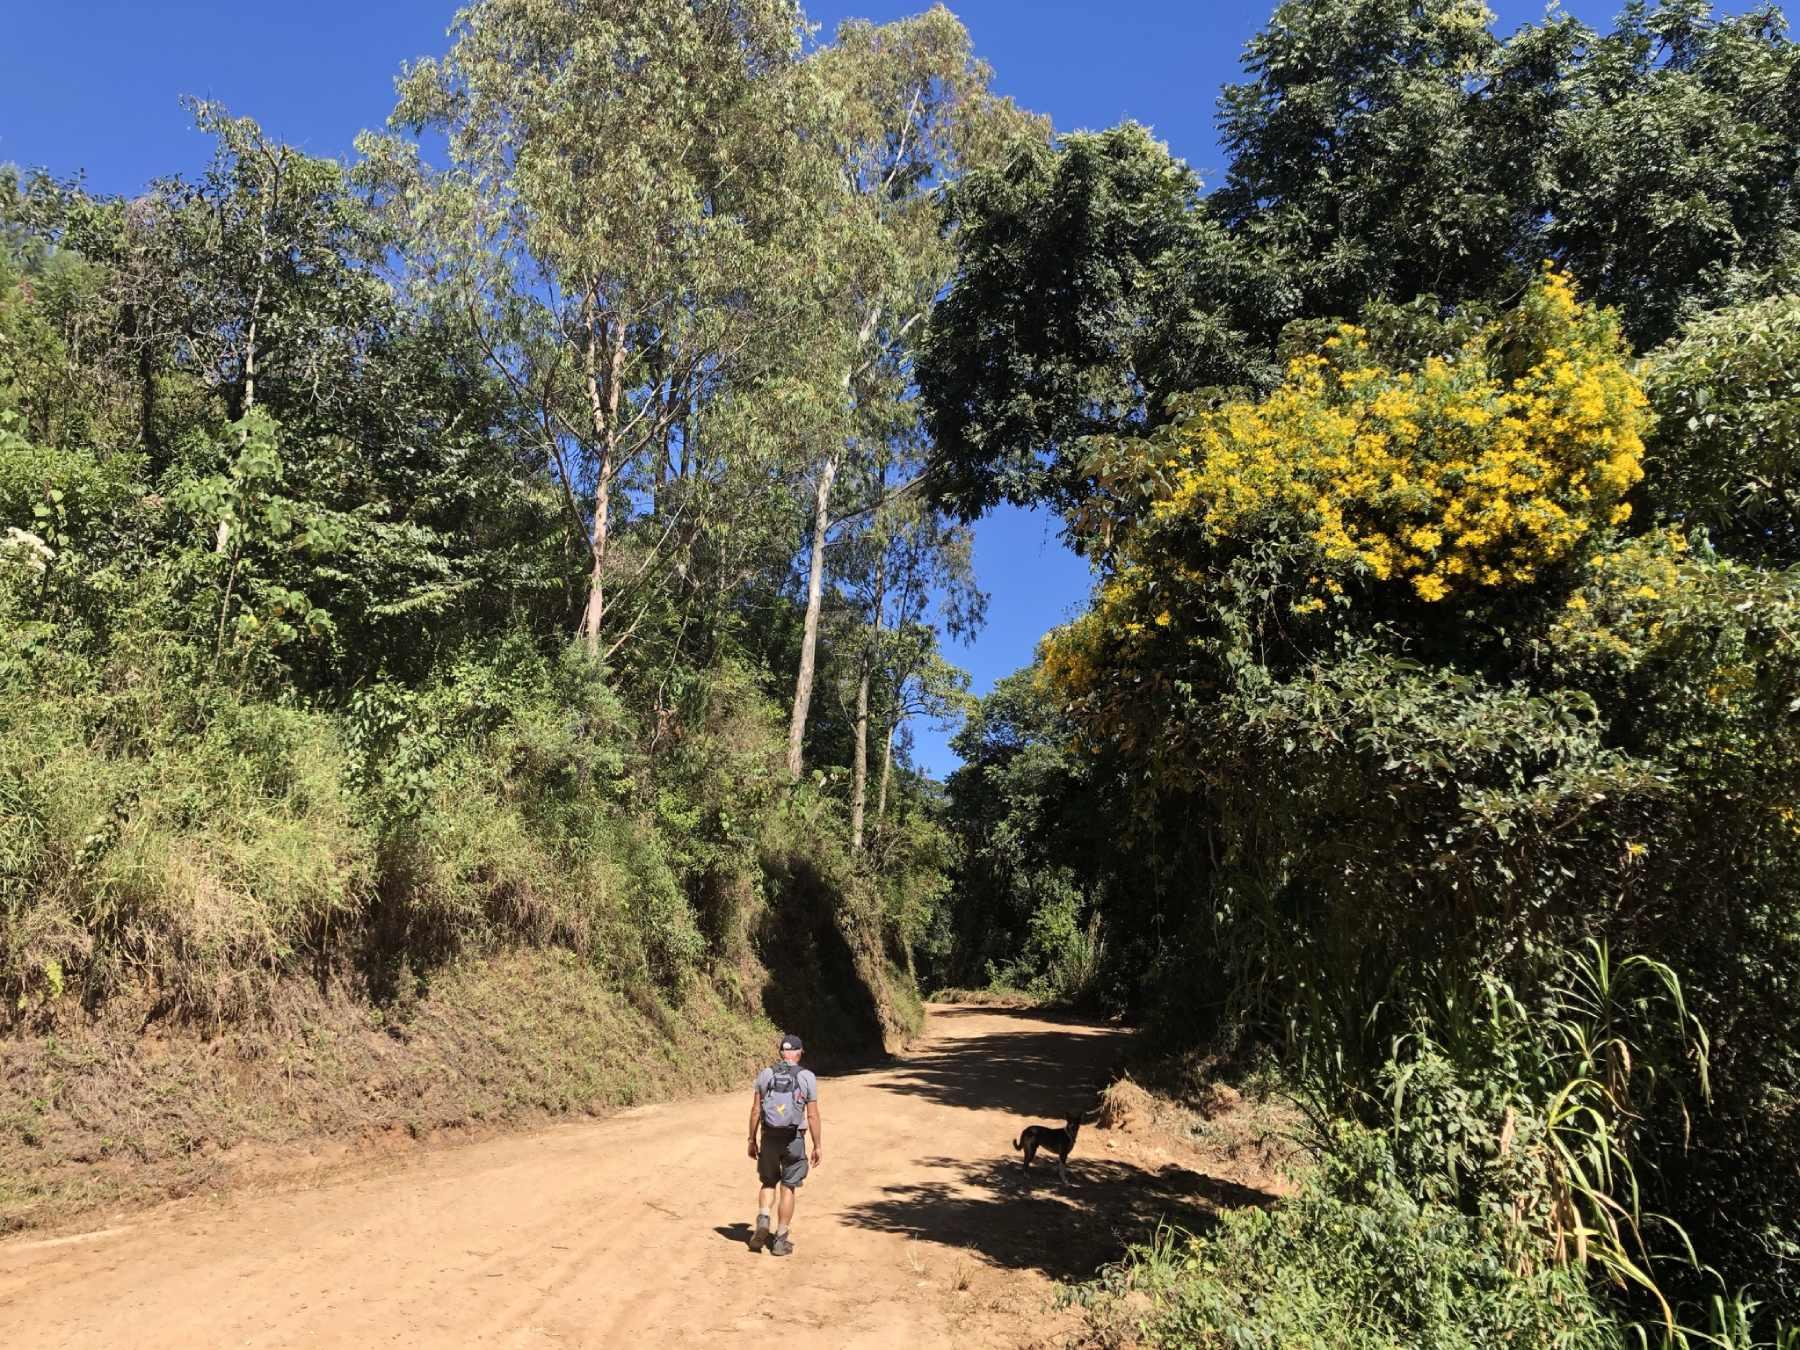 Caminho para Bairro Pereiras